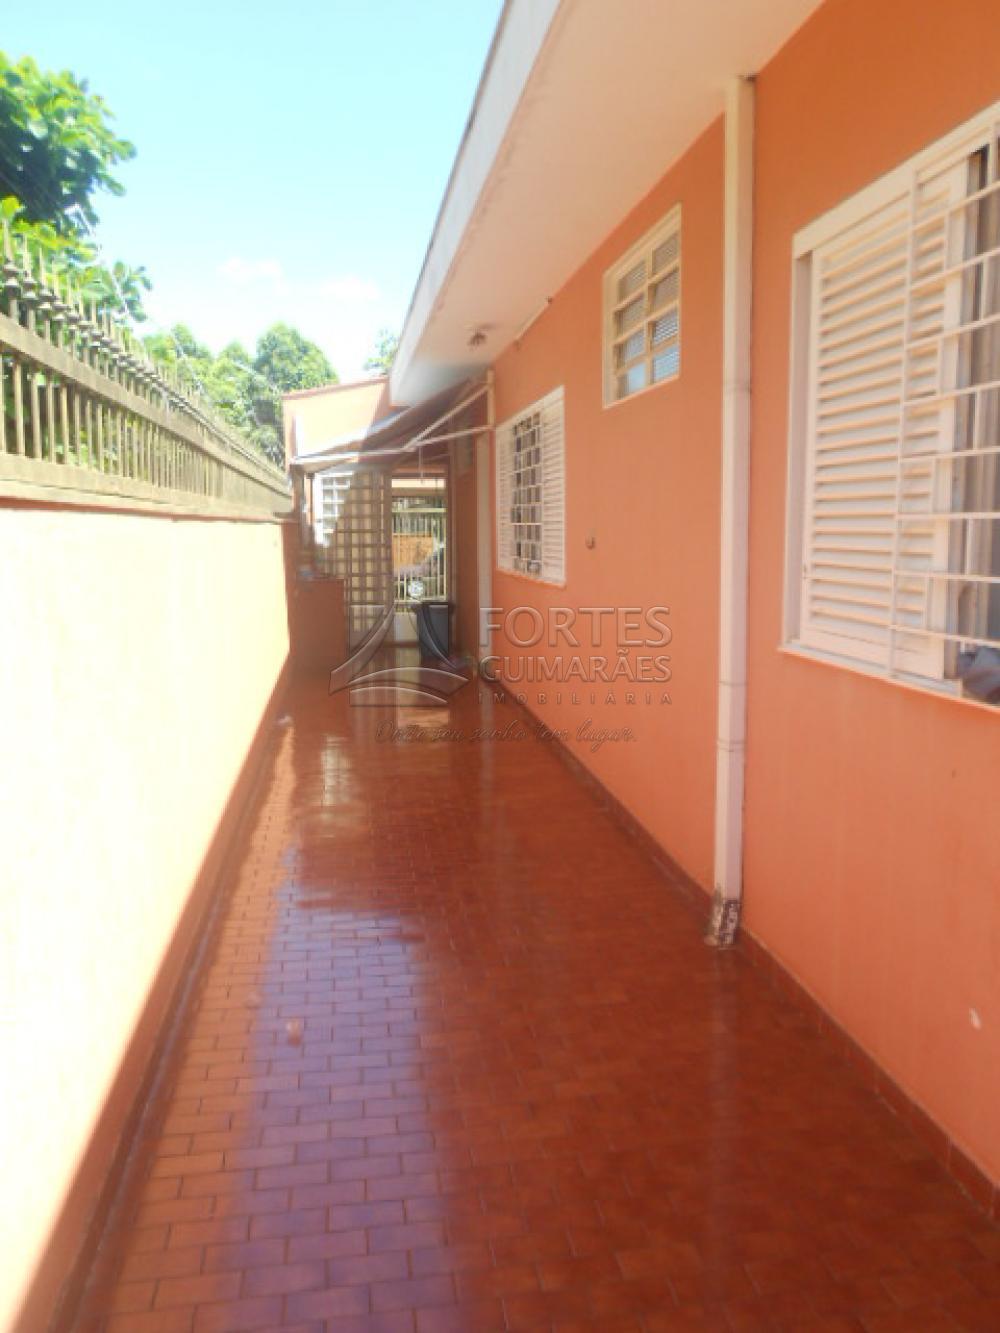 Alugar Casas / Padrão em Ribeirão Preto apenas R$ 2.000,00 - Foto 31